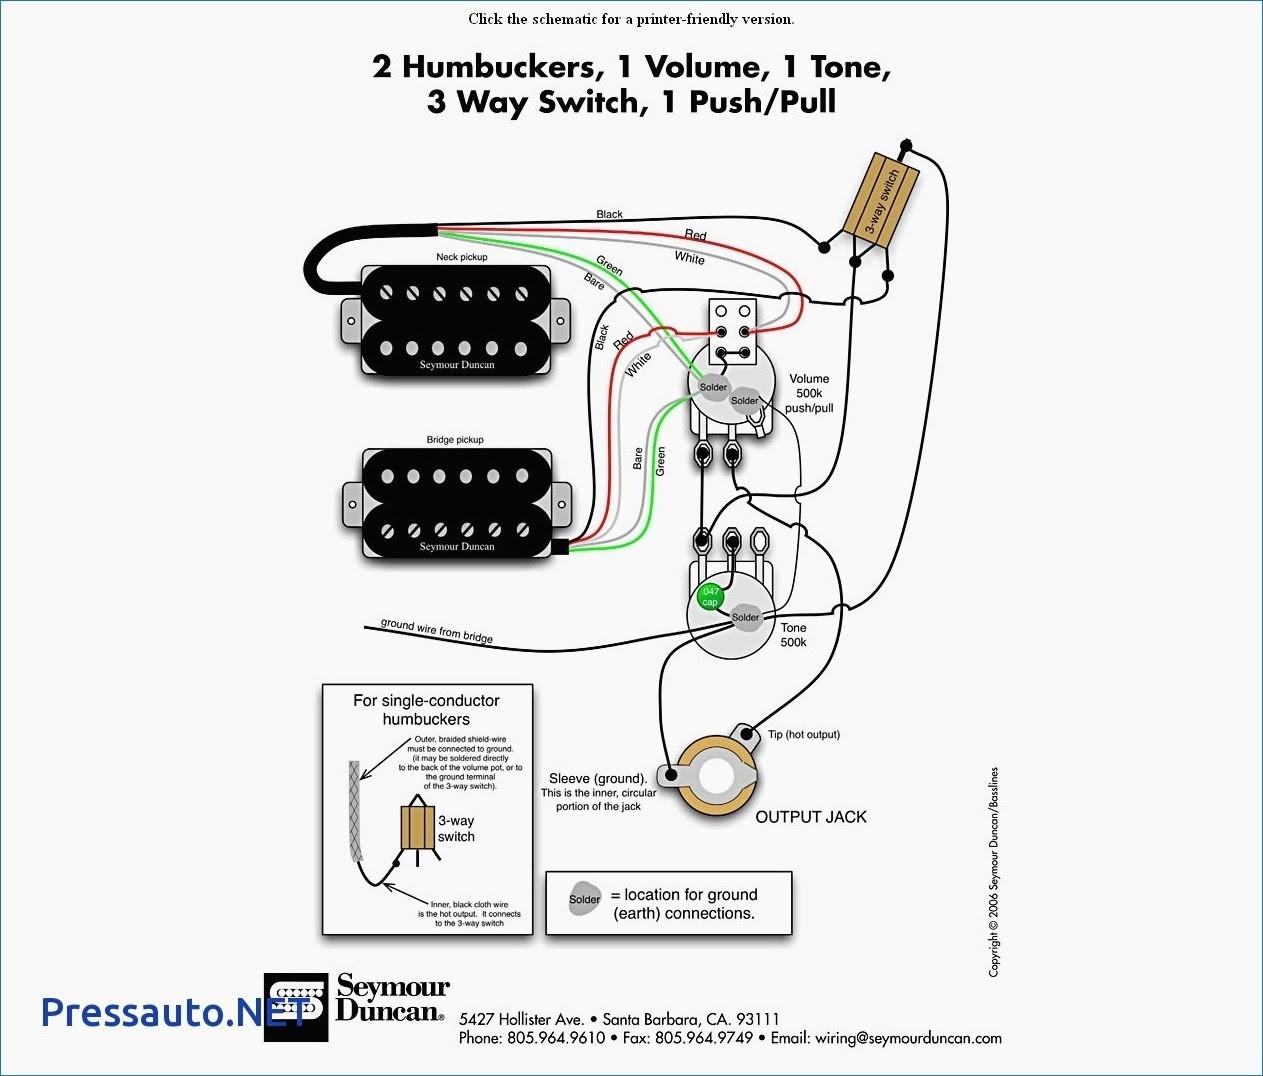 clapton guitar wiring schematic image 9